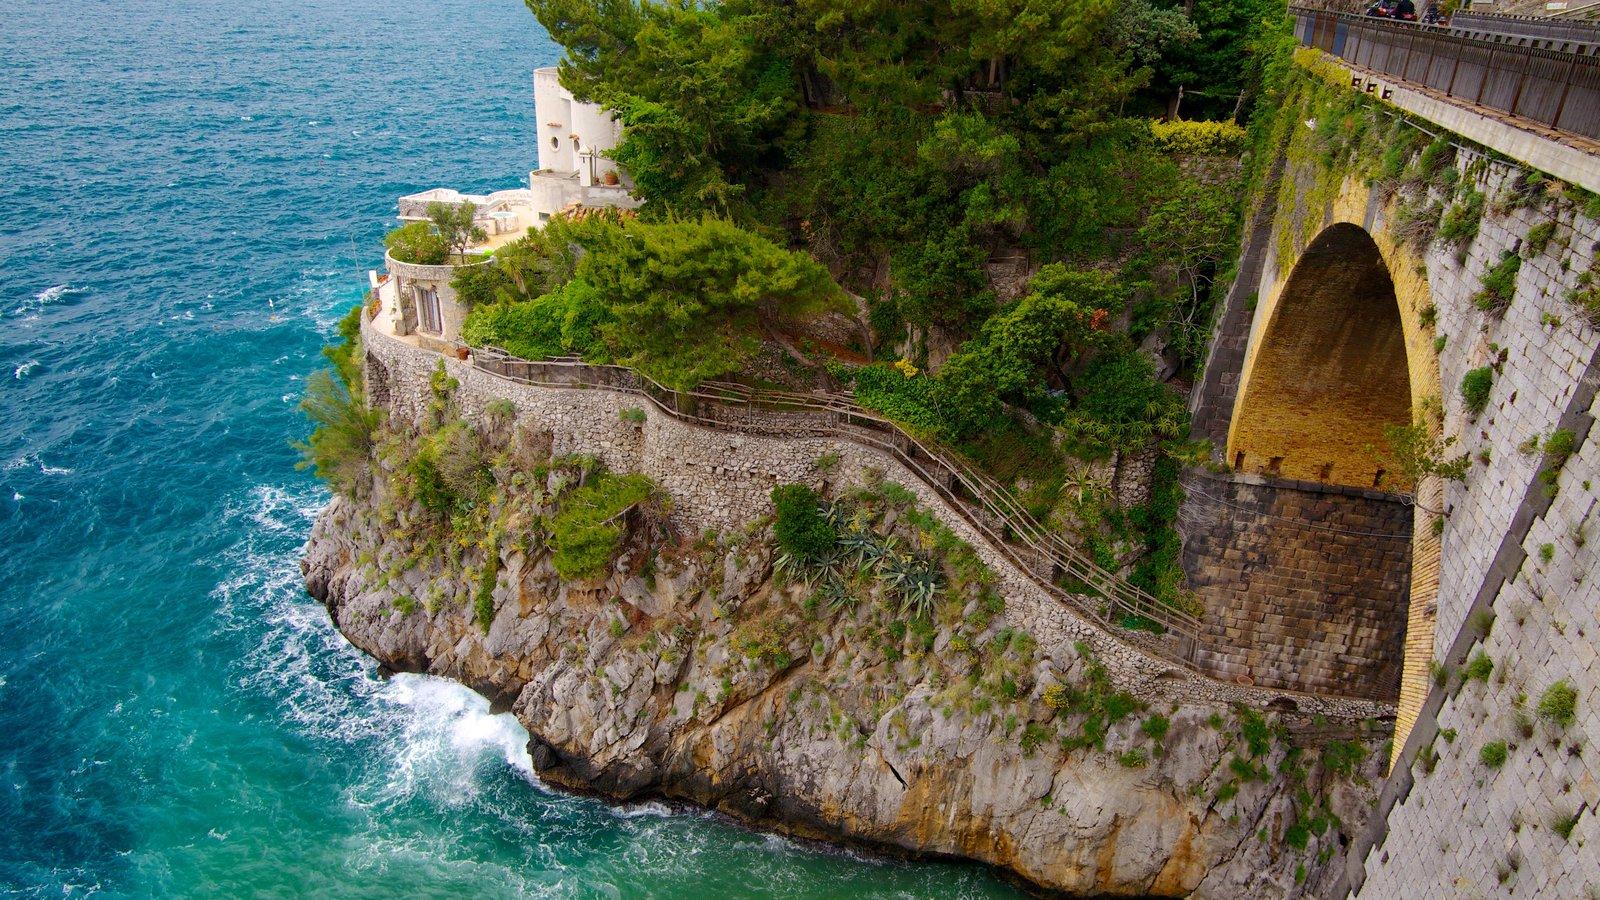 Fiordo di Furore showing rocky coastline